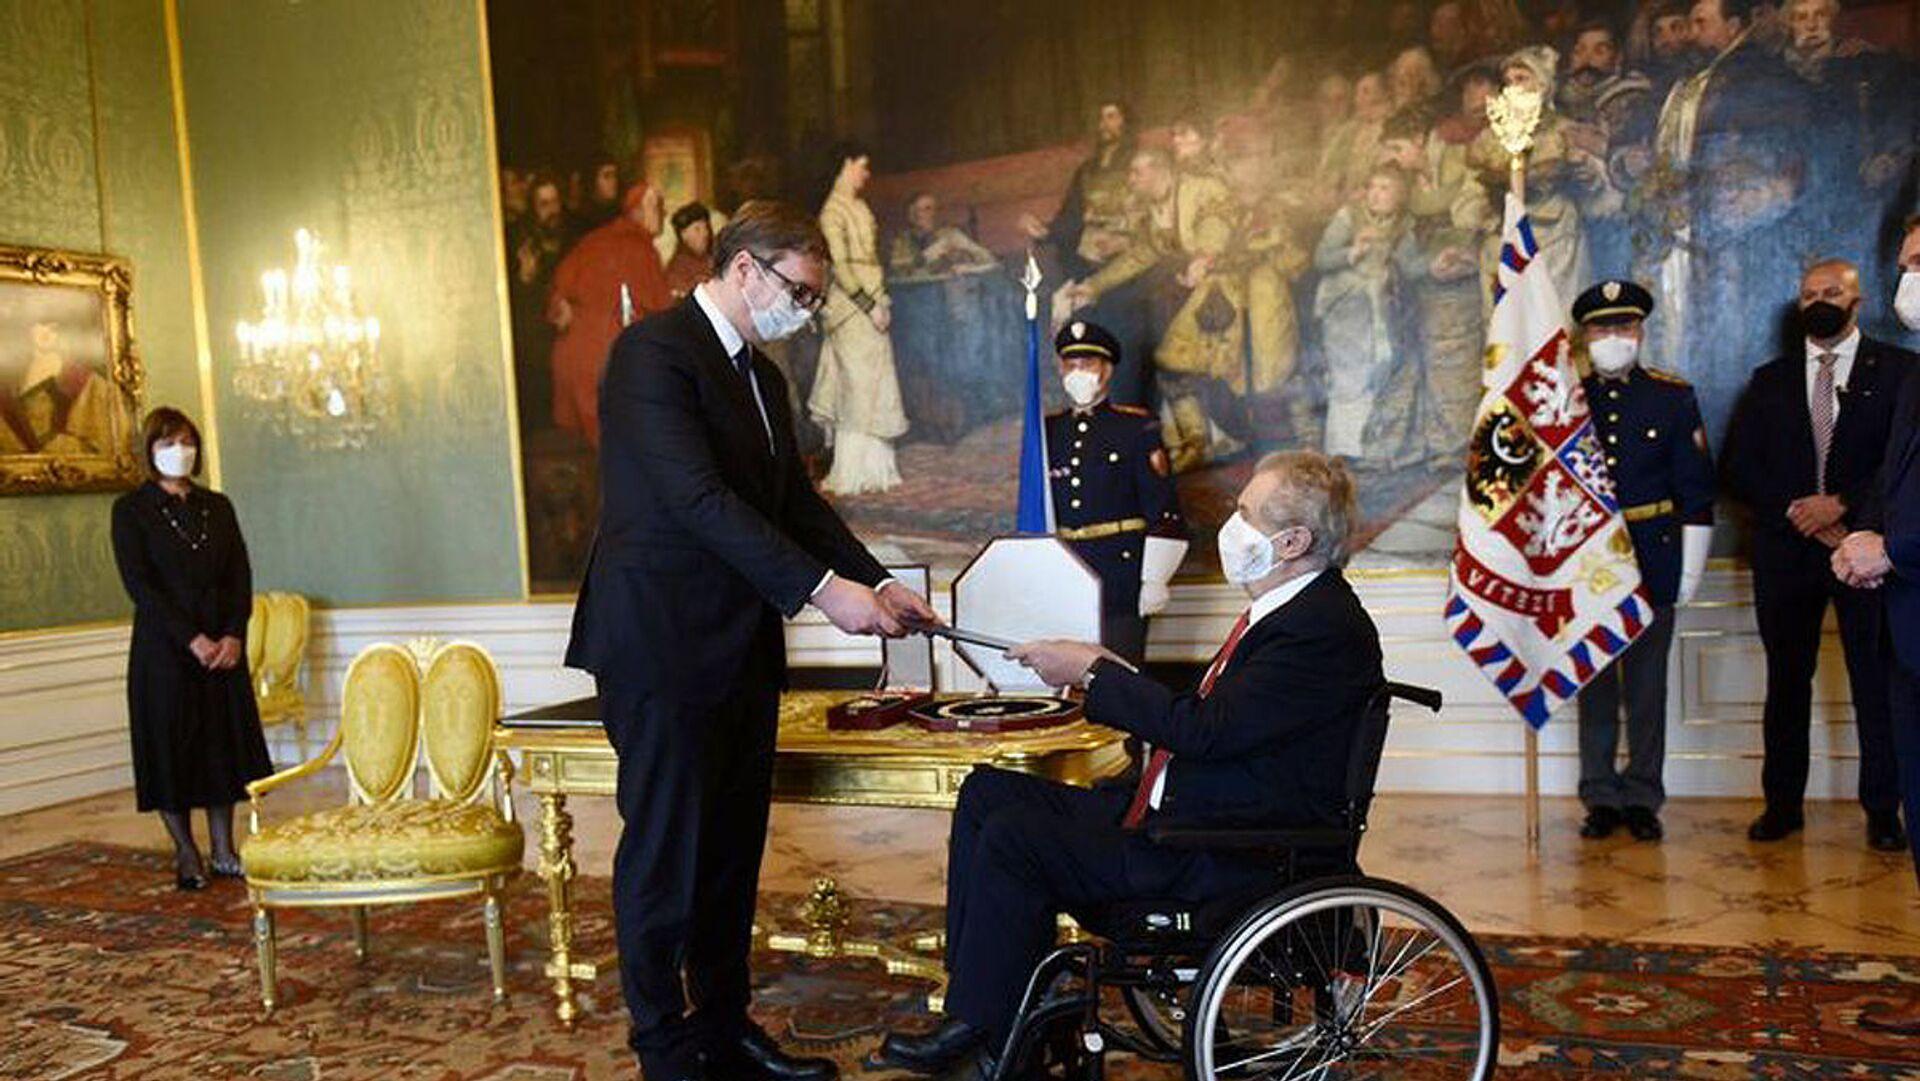 Český prezident Miloš Zeman a srbský prezident Aleksandar Vučić - Sputnik Česká republika, 1920, 18.05.2021